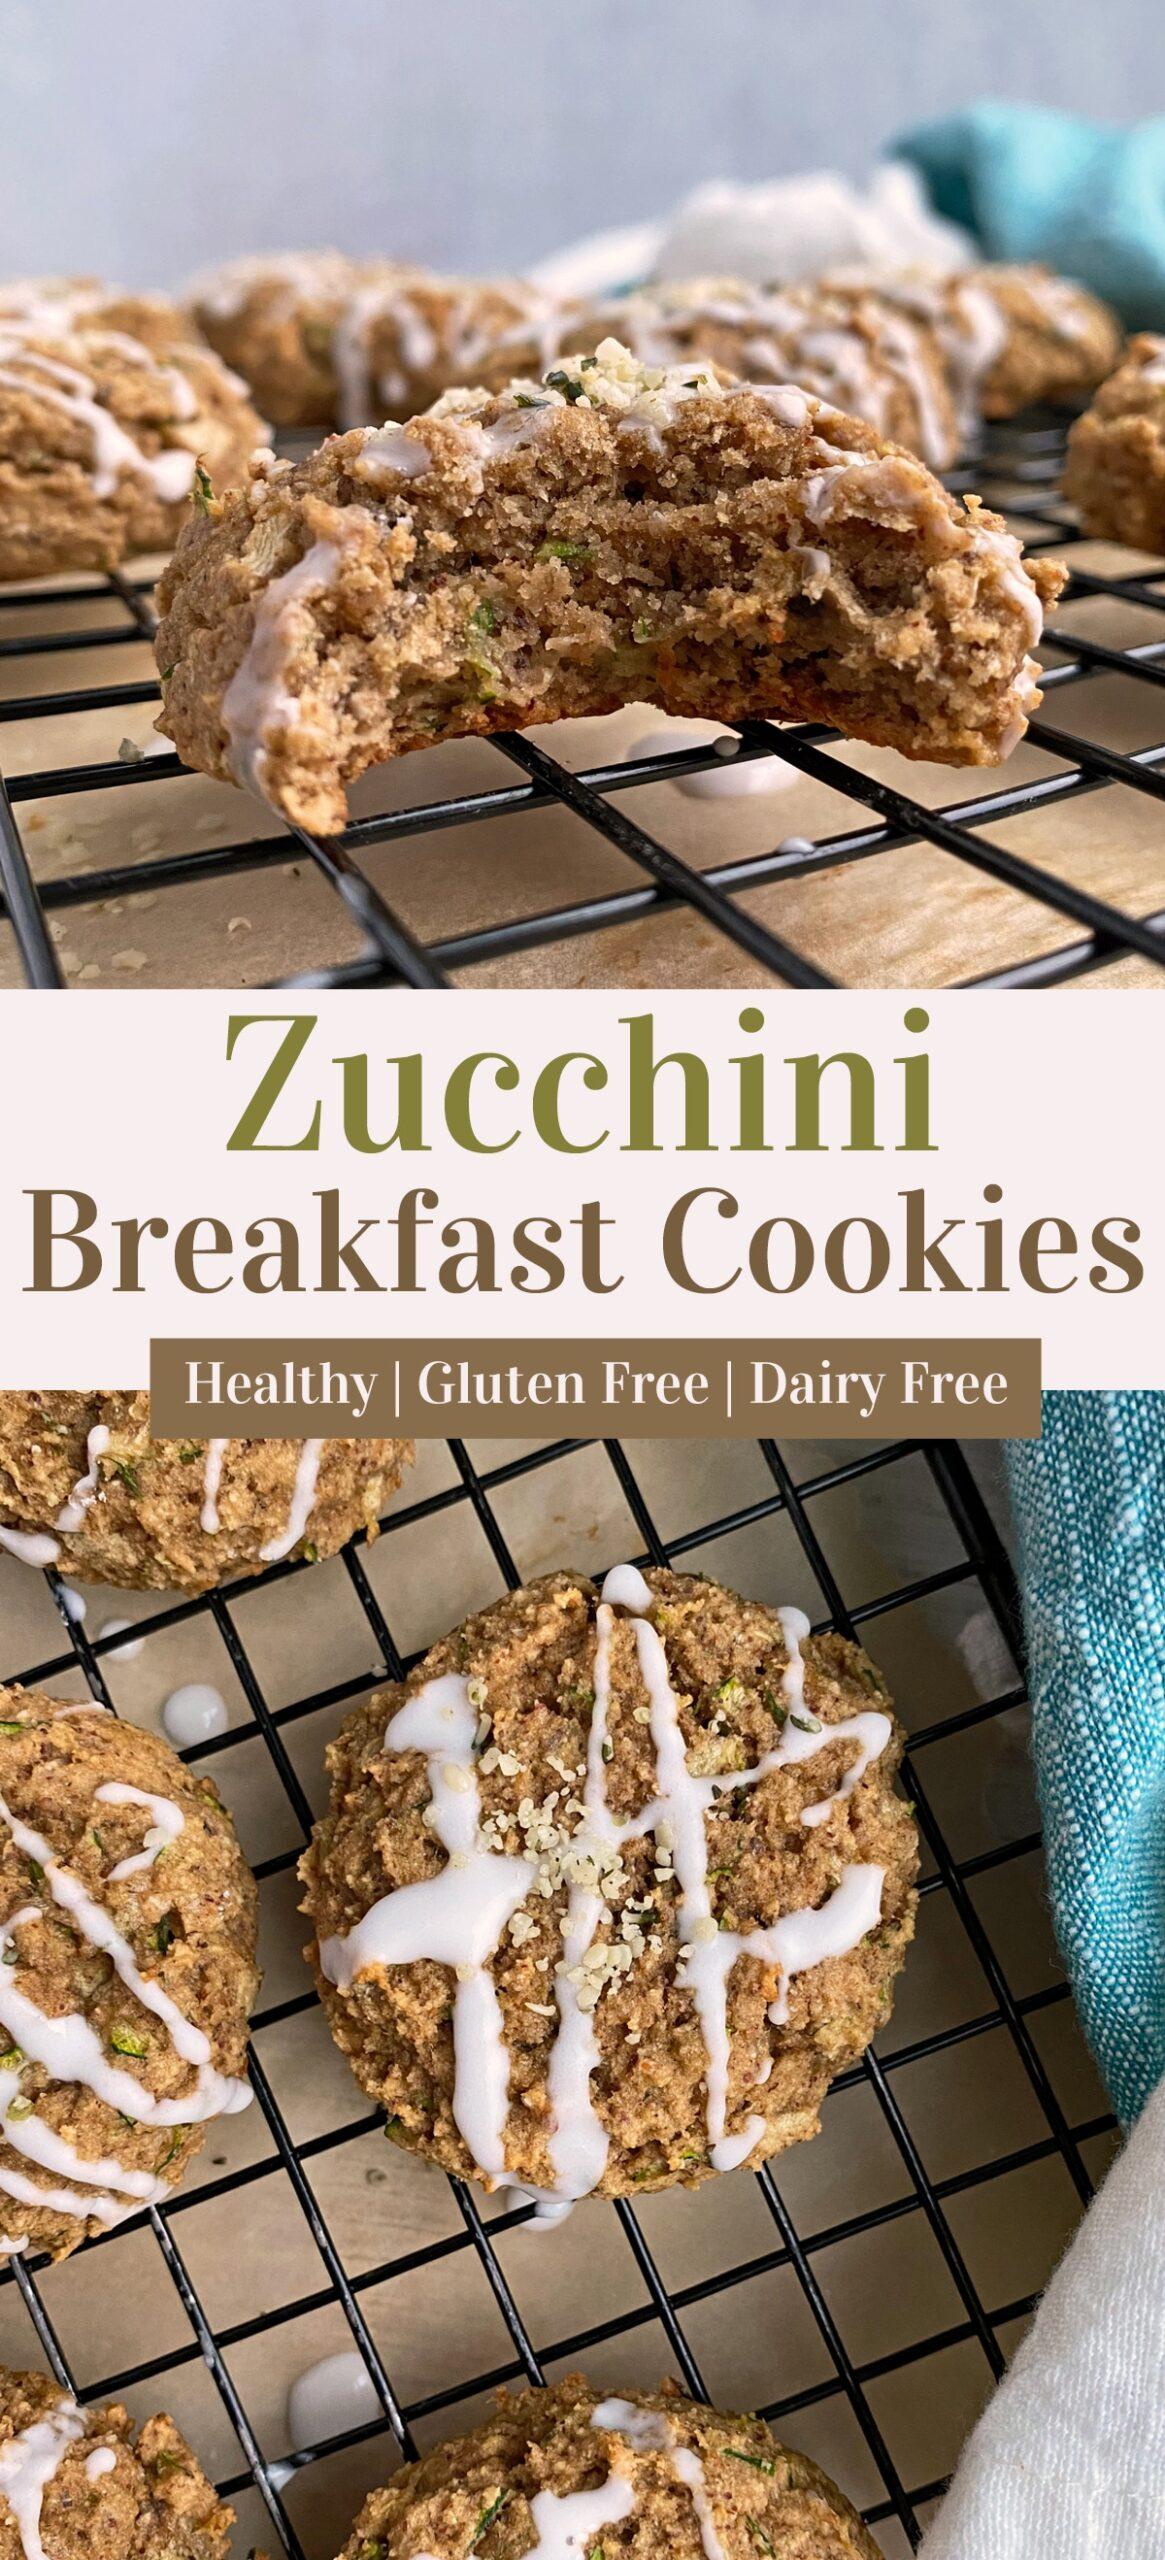 zucchini-breakfast-cookie-recipe